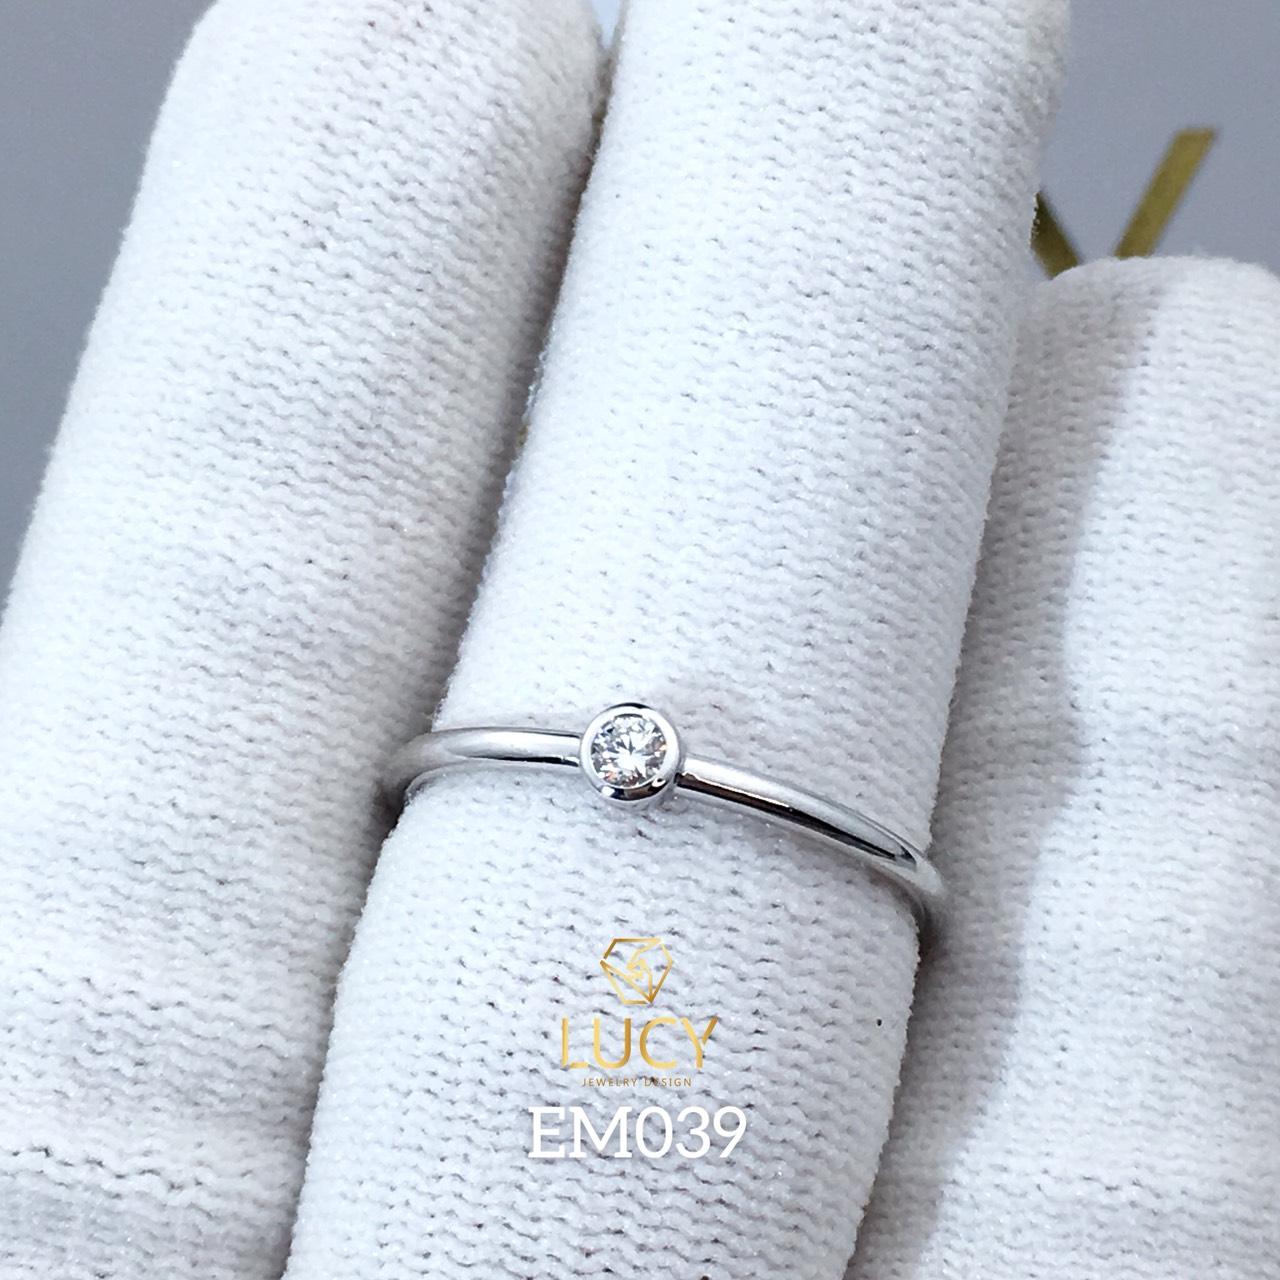 EM039 Nhẫn nữ vàng, nhẫn thiết kế, nhẫn cầu hôn, nhẫn đính hôn - Lucy Jewelry